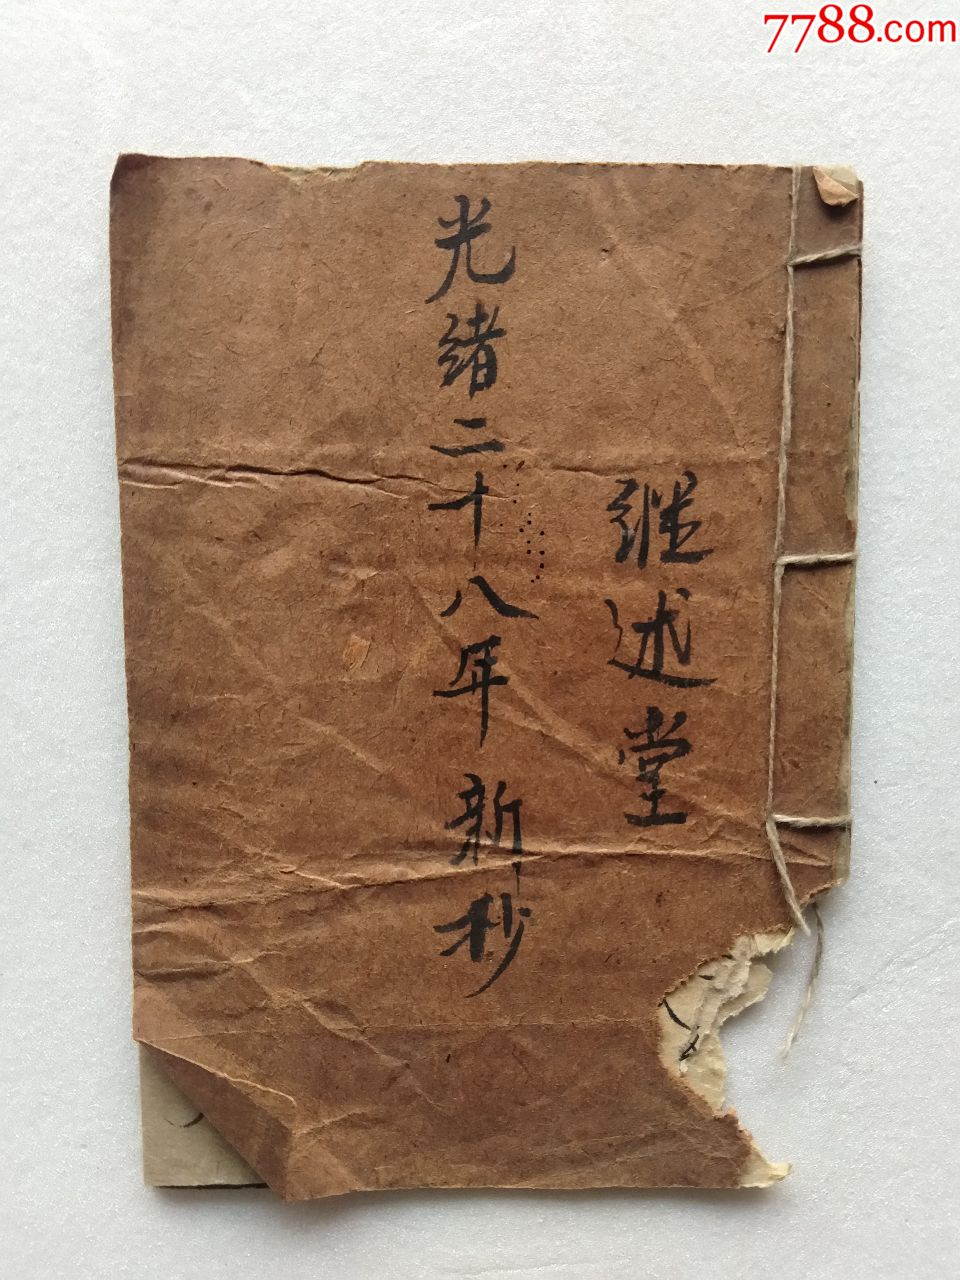 少见清朝光绪年间制作烟花配方类书籍(se66141086)_